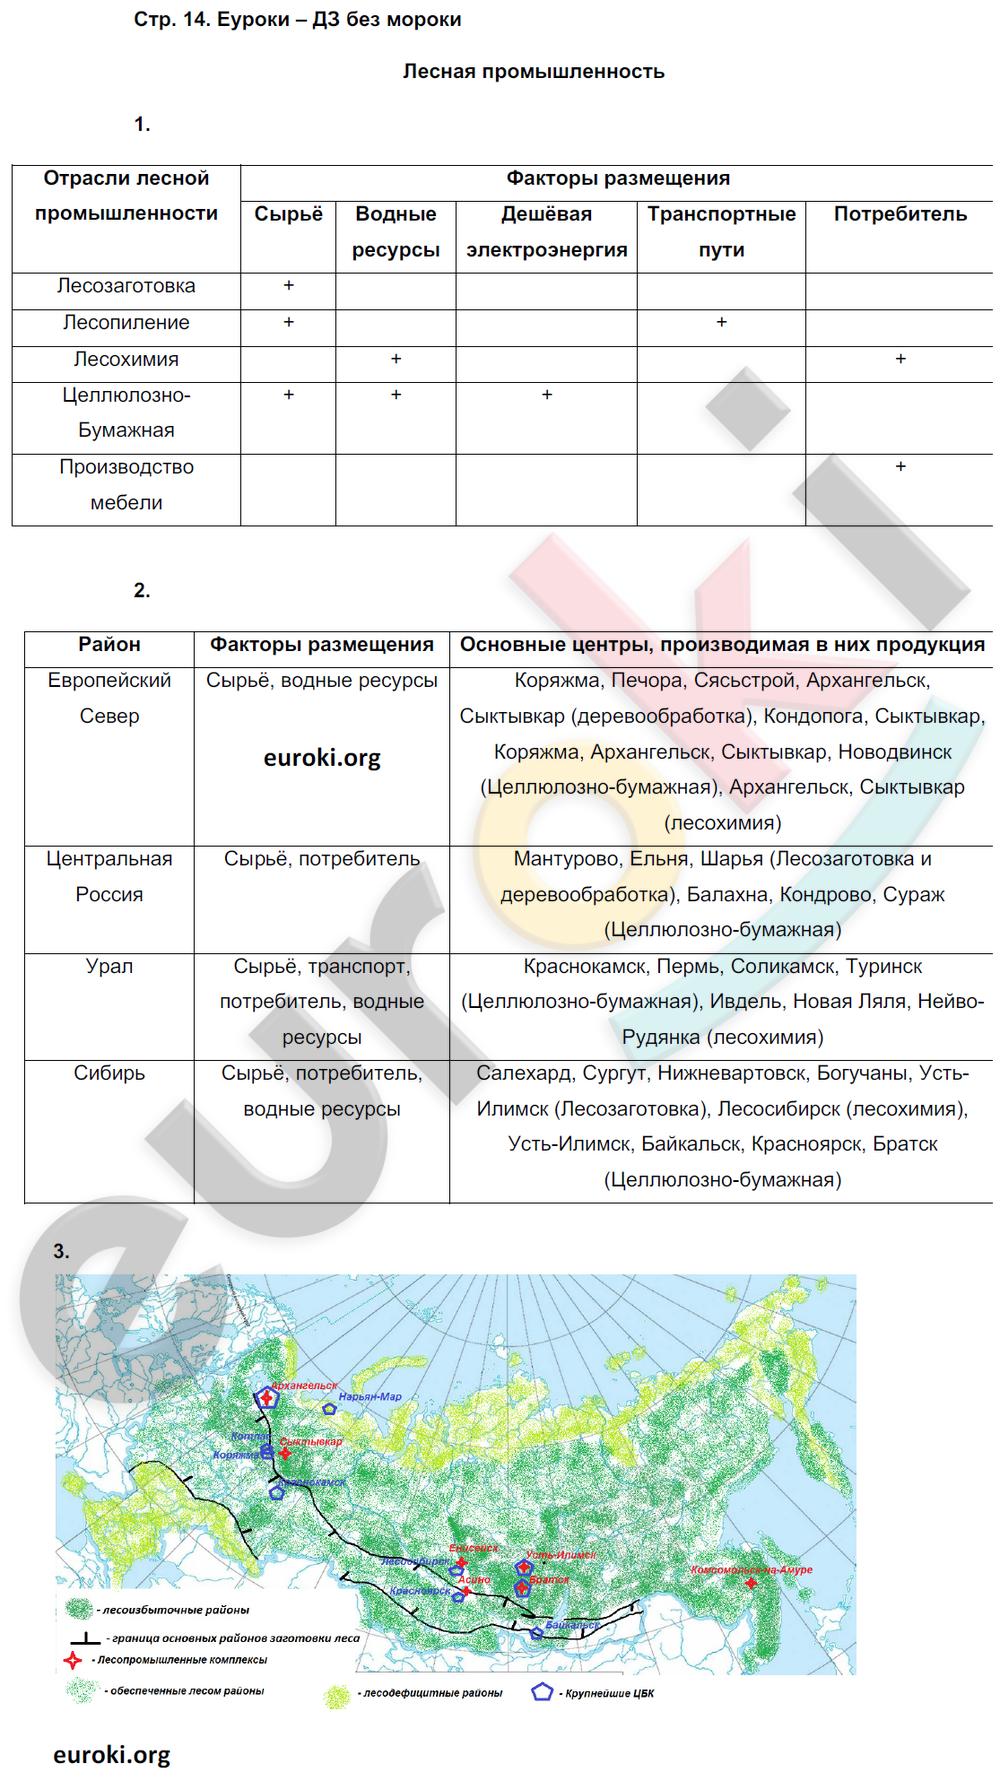 ГДЗ по географии 9 класс рабочая тетрадь Баринова, Суслов. Задание: стр. 14